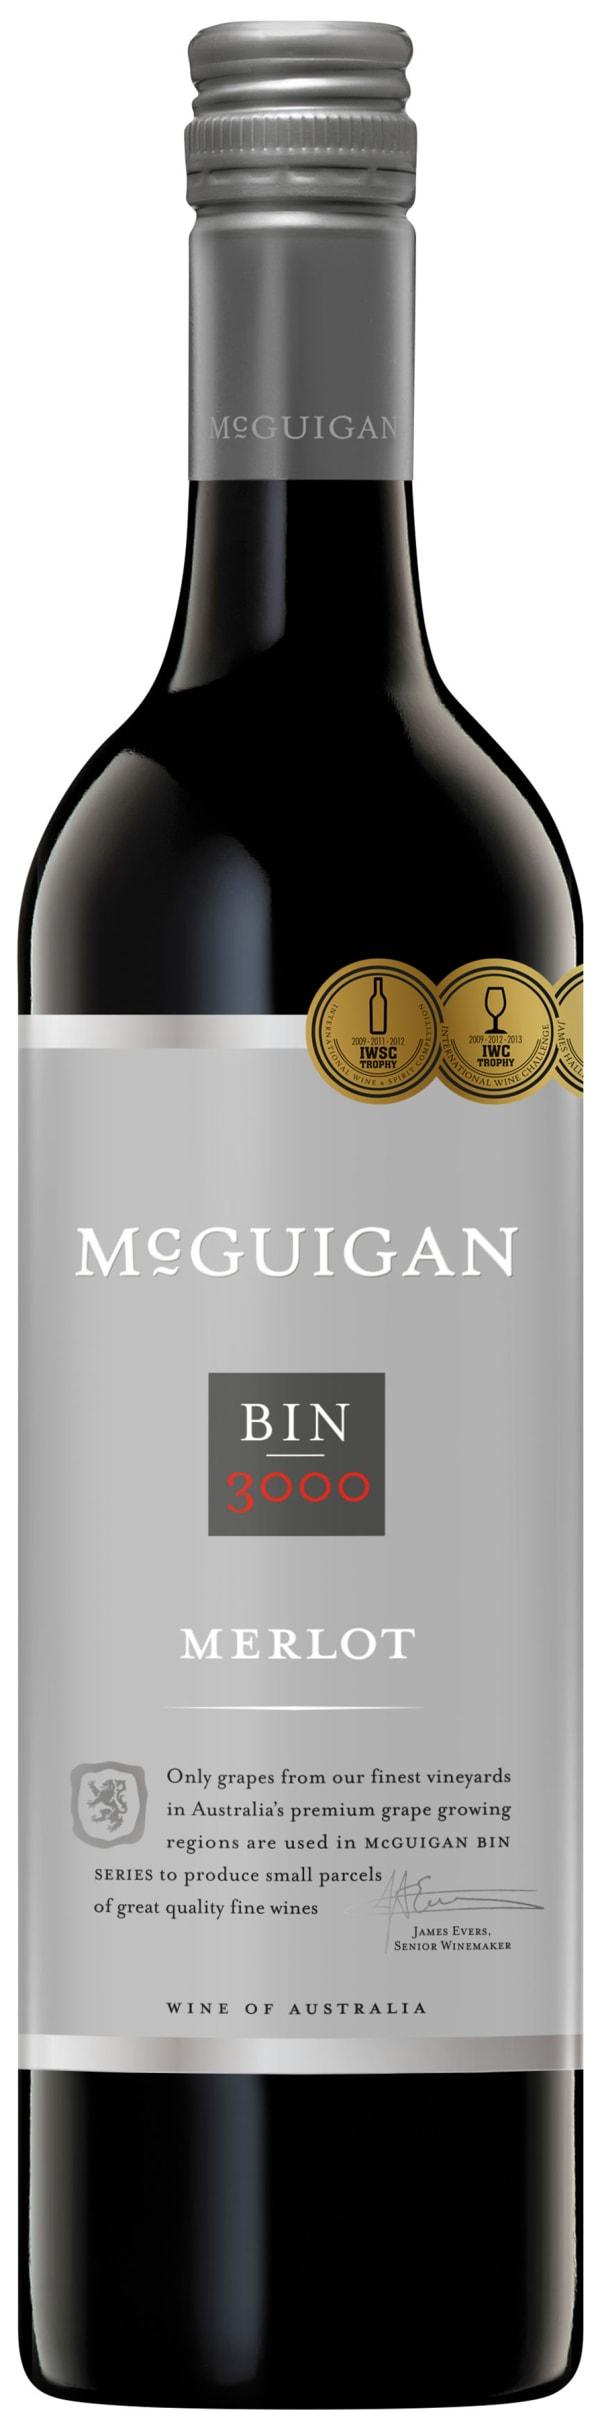 McGuigan Bin 3000 Merlot 2014